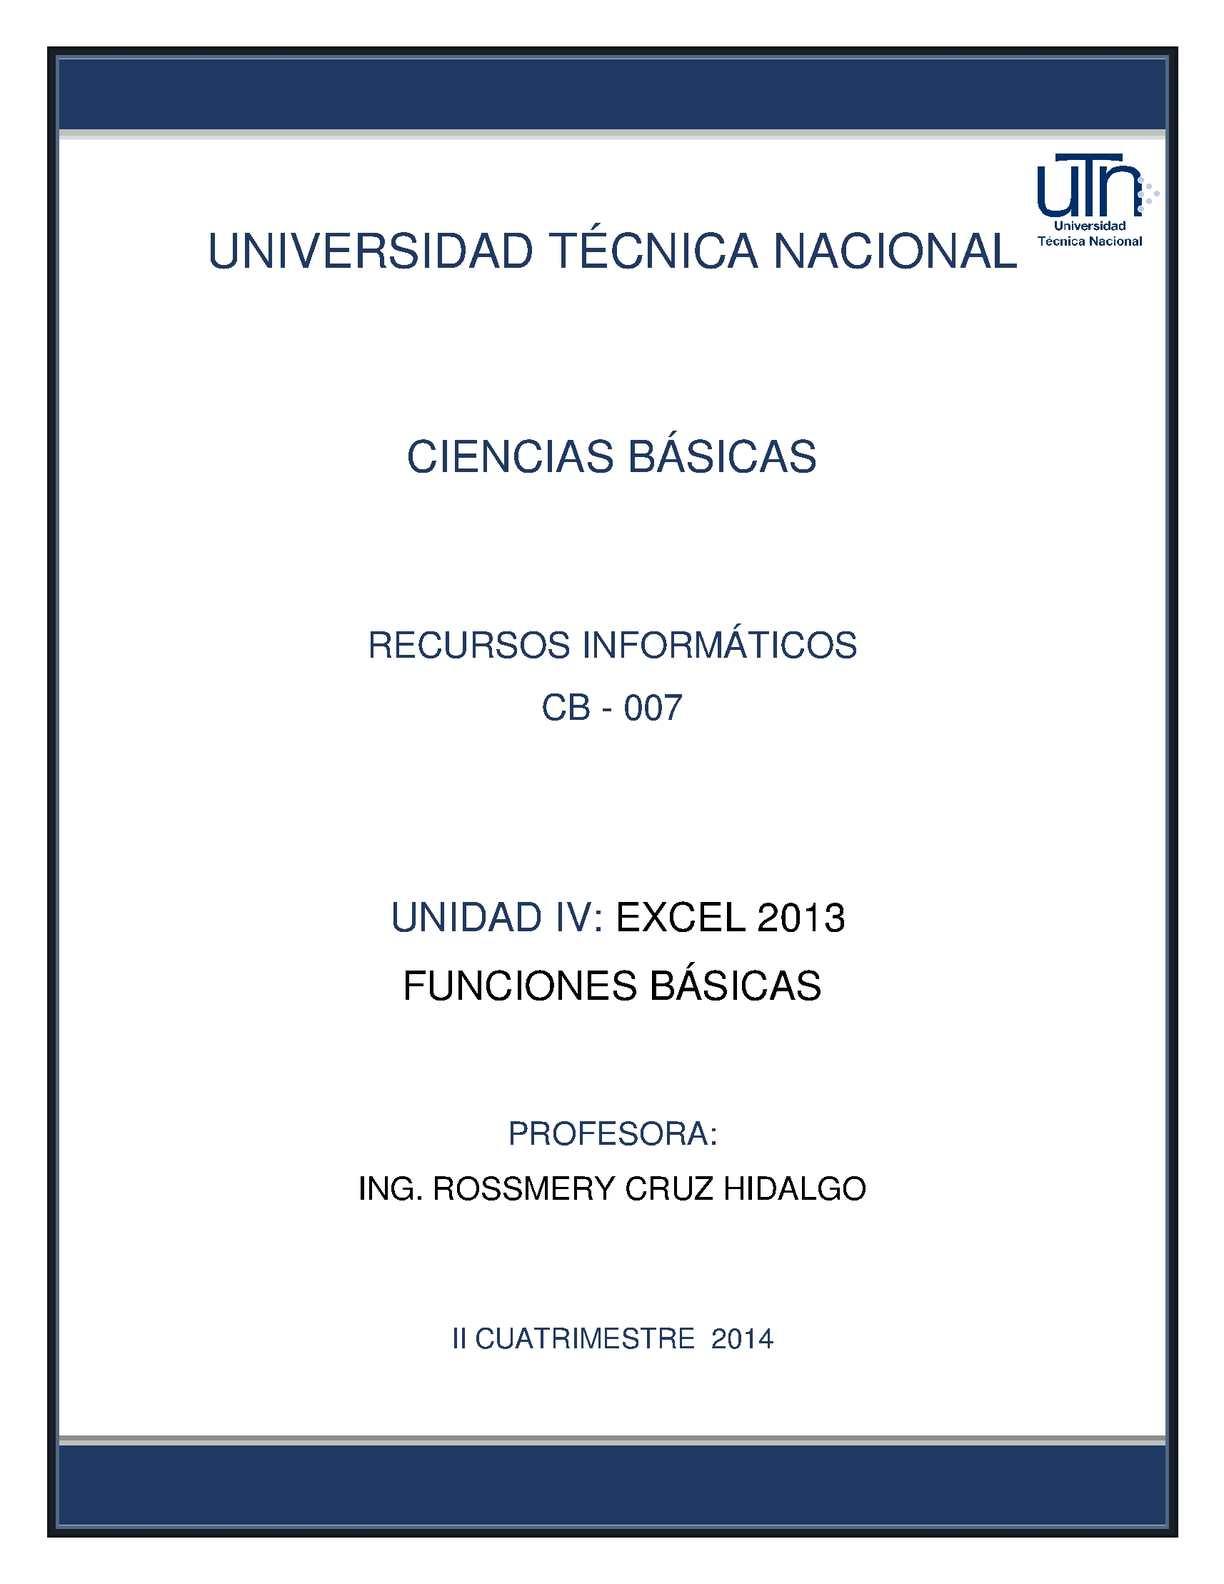 EXCEL 2013 - FUNCIONES BÁSICAS